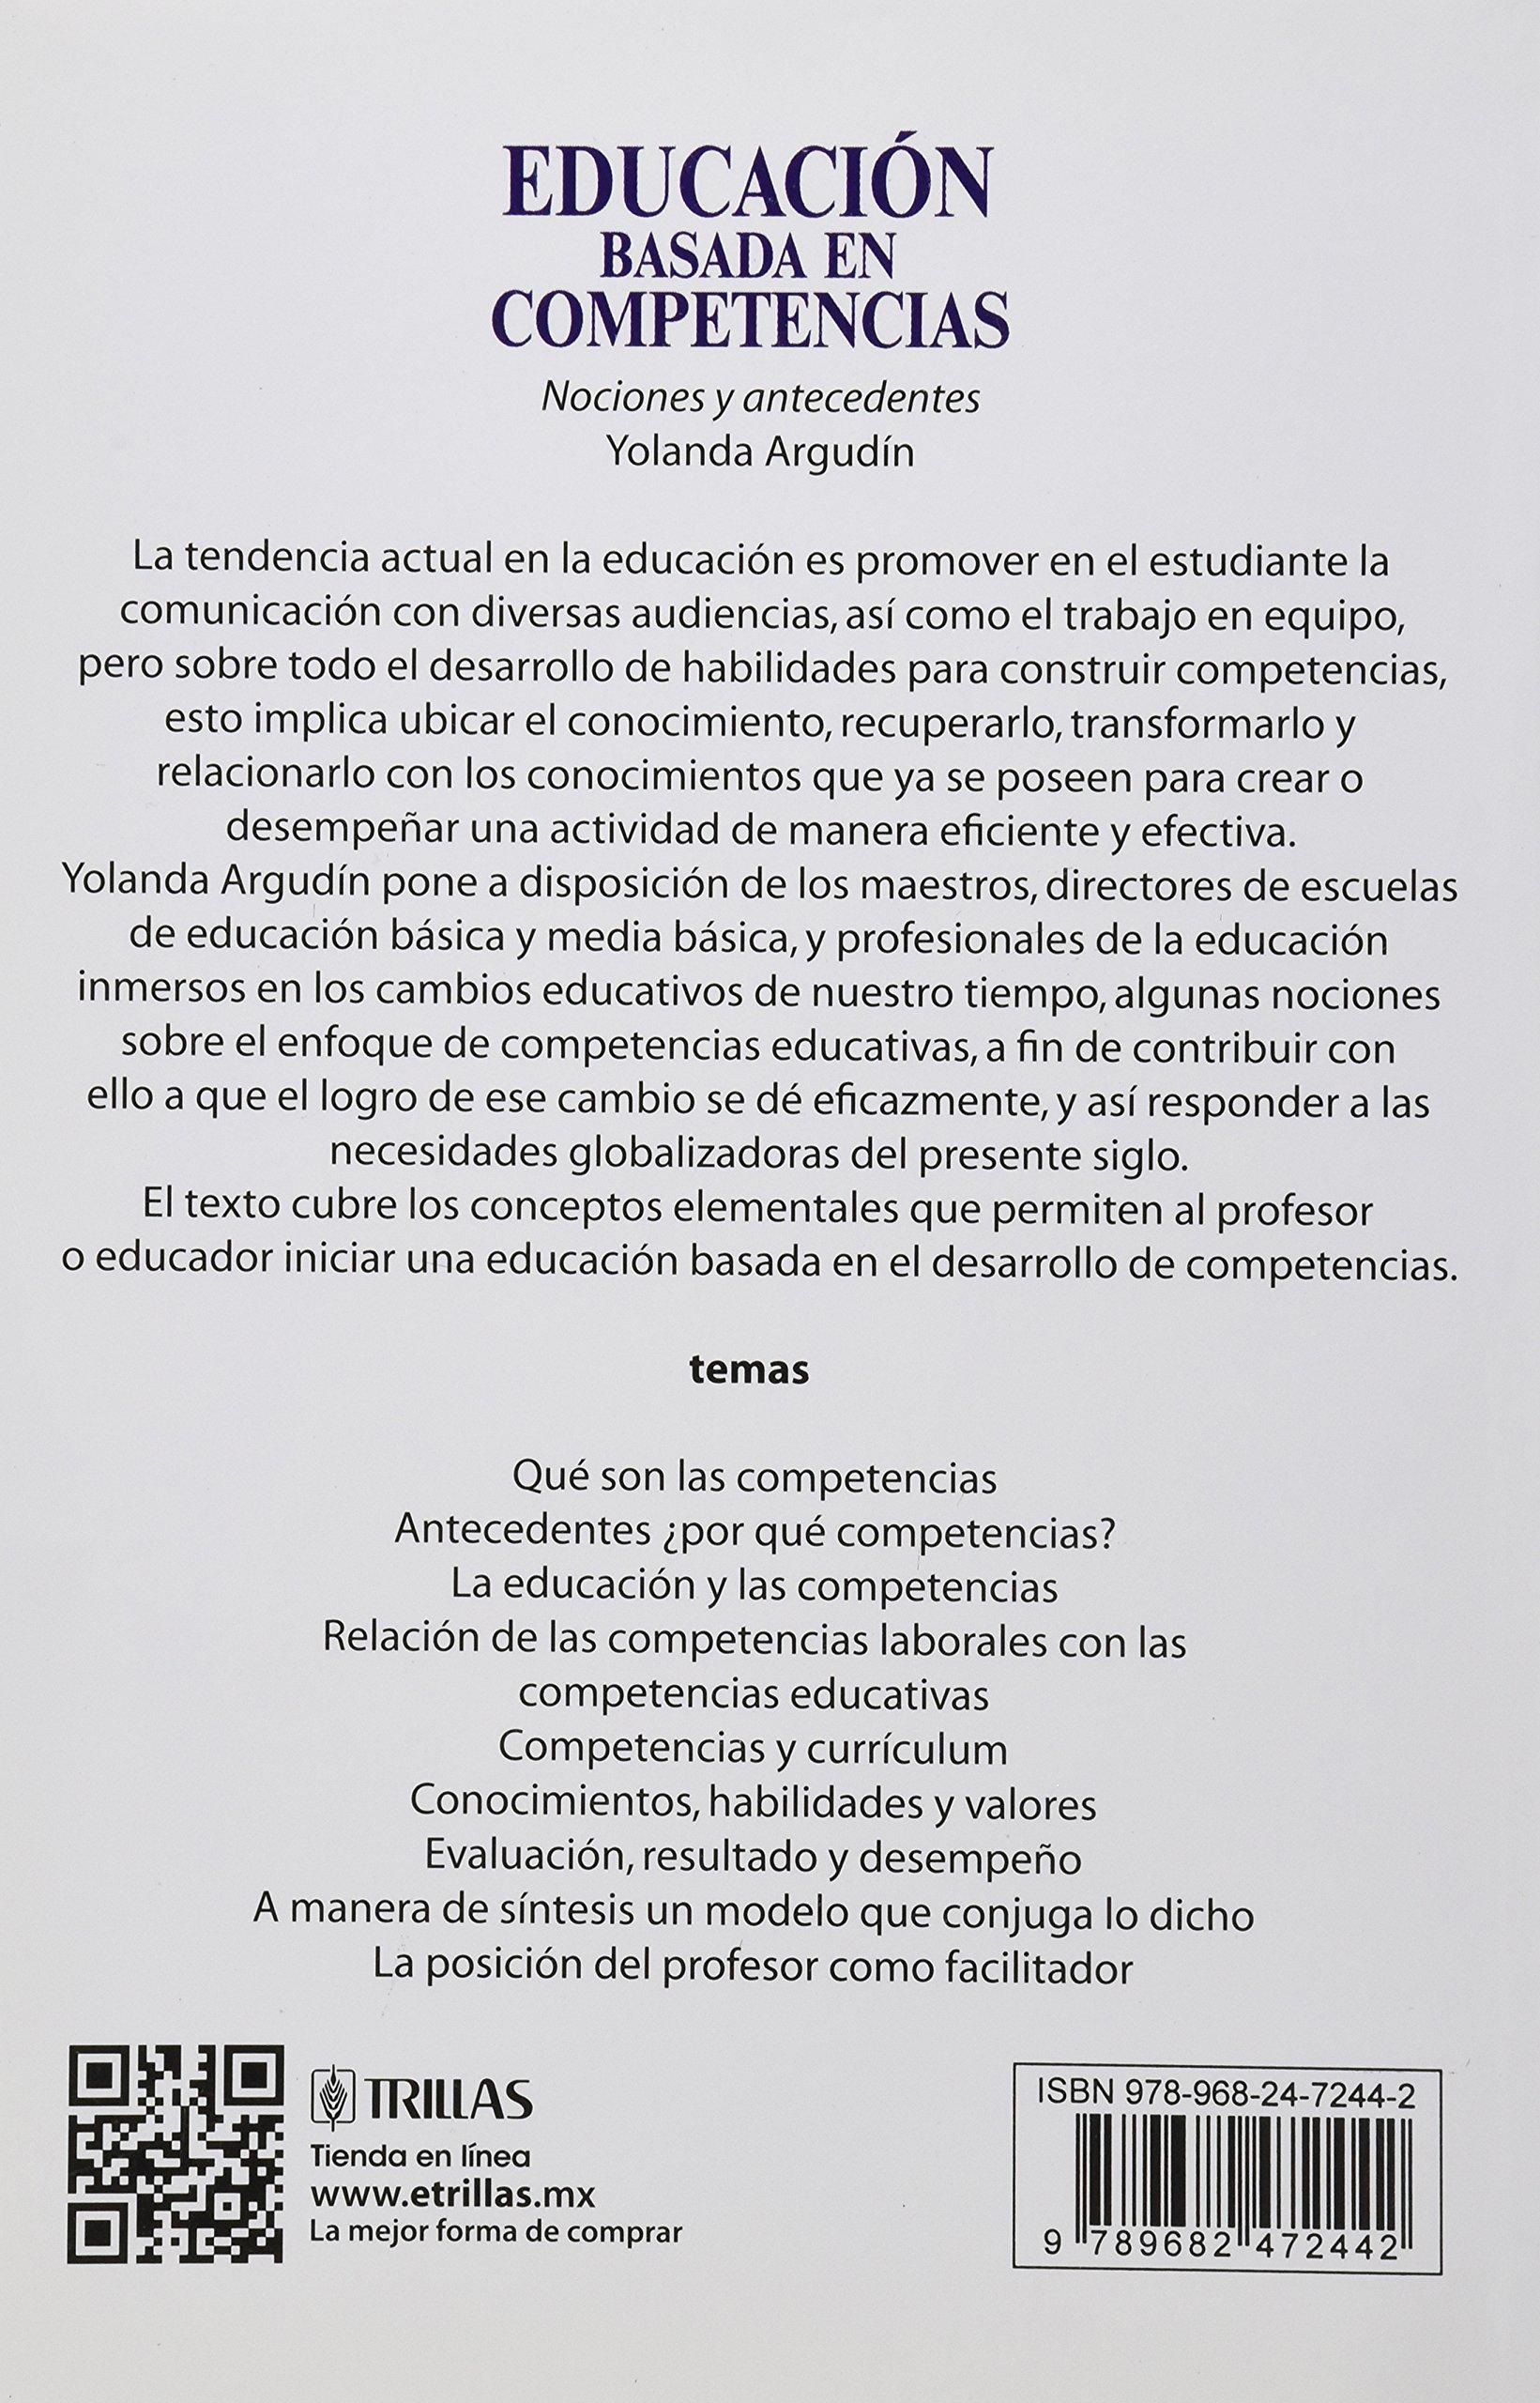 Educacion Basada En Competencias: Yolanda Argudin, EDITORIAL TRILLAS ...